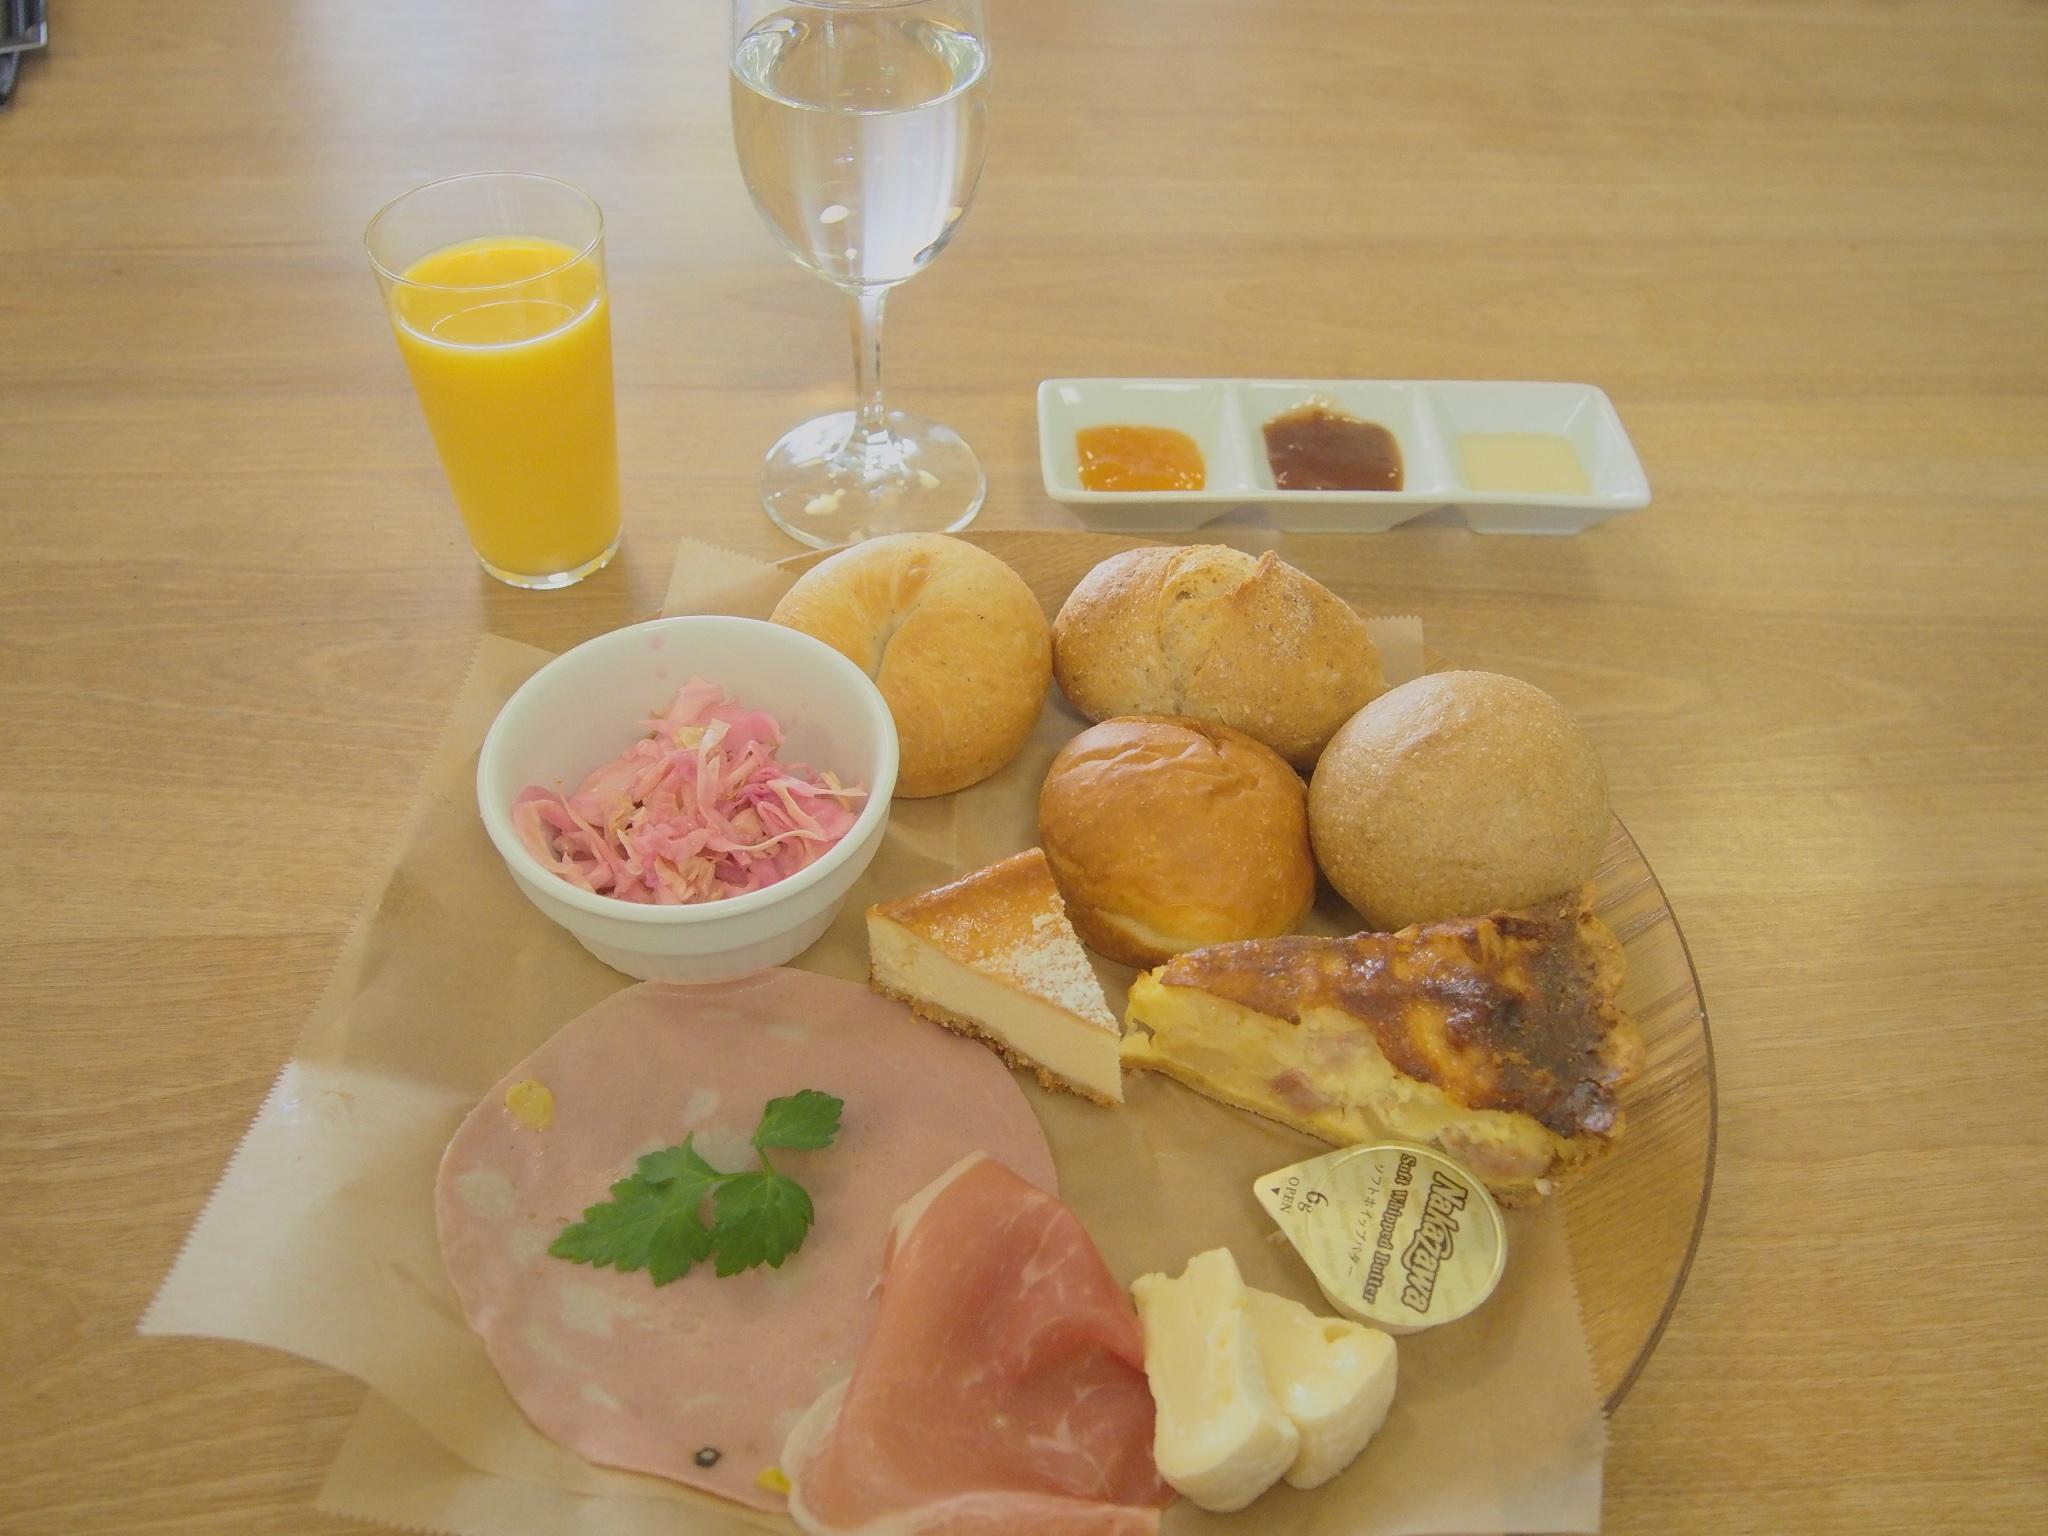 【表参道】おいしいモーニングが食べられる、パンとエスプレッソと